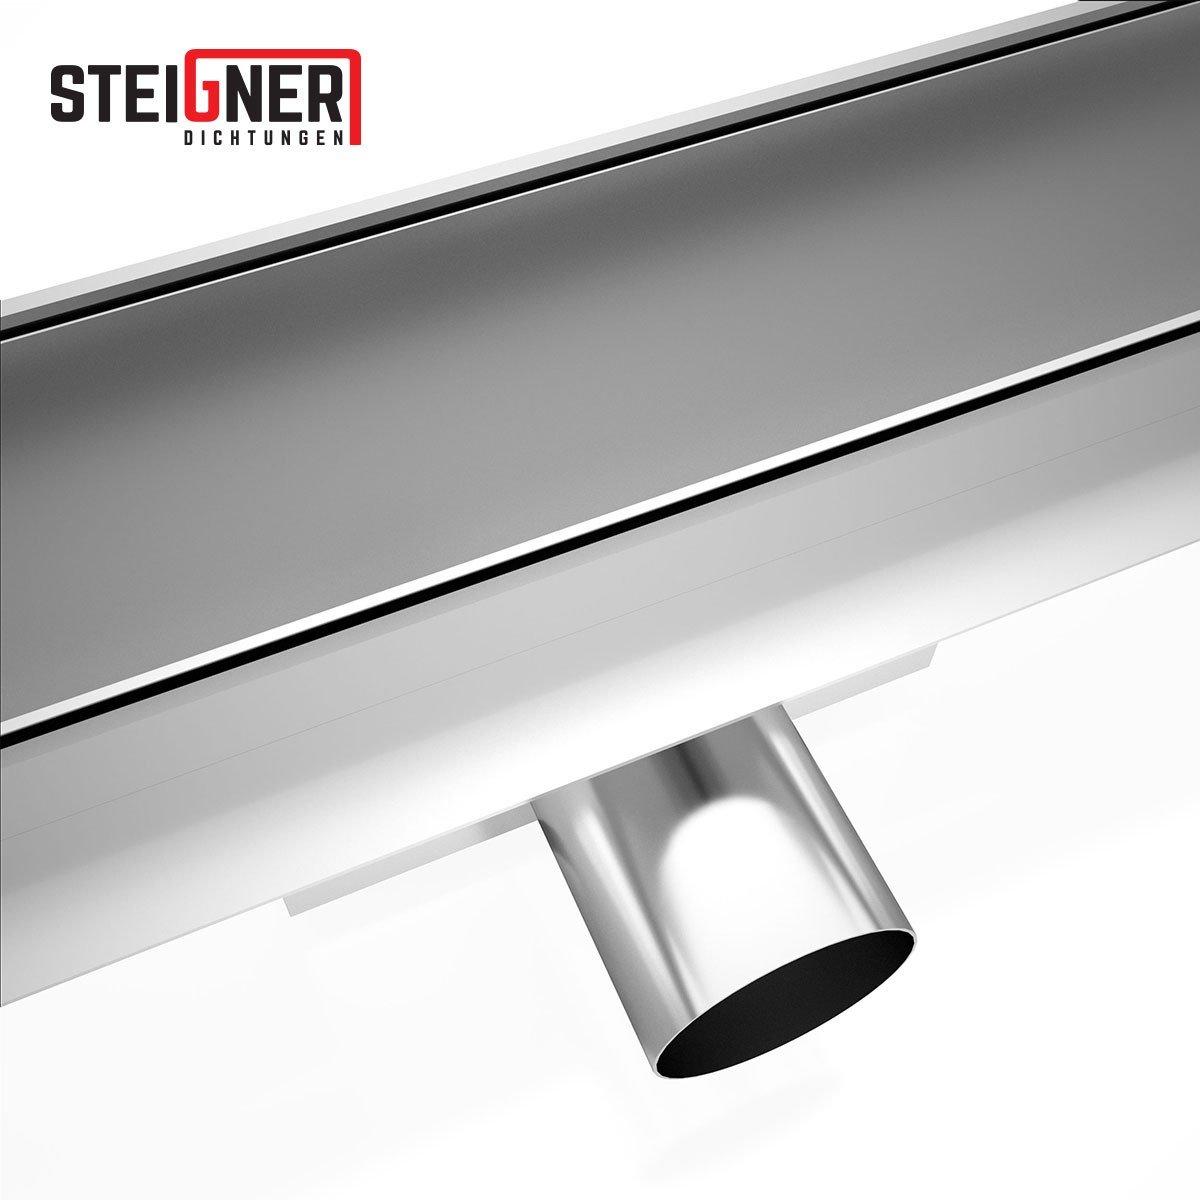 52819070 Steigner Rinne Sifone Canale di scarico doccia in acciaio inossidabile Amsterdam sdr90 1/pezzi 60/cm